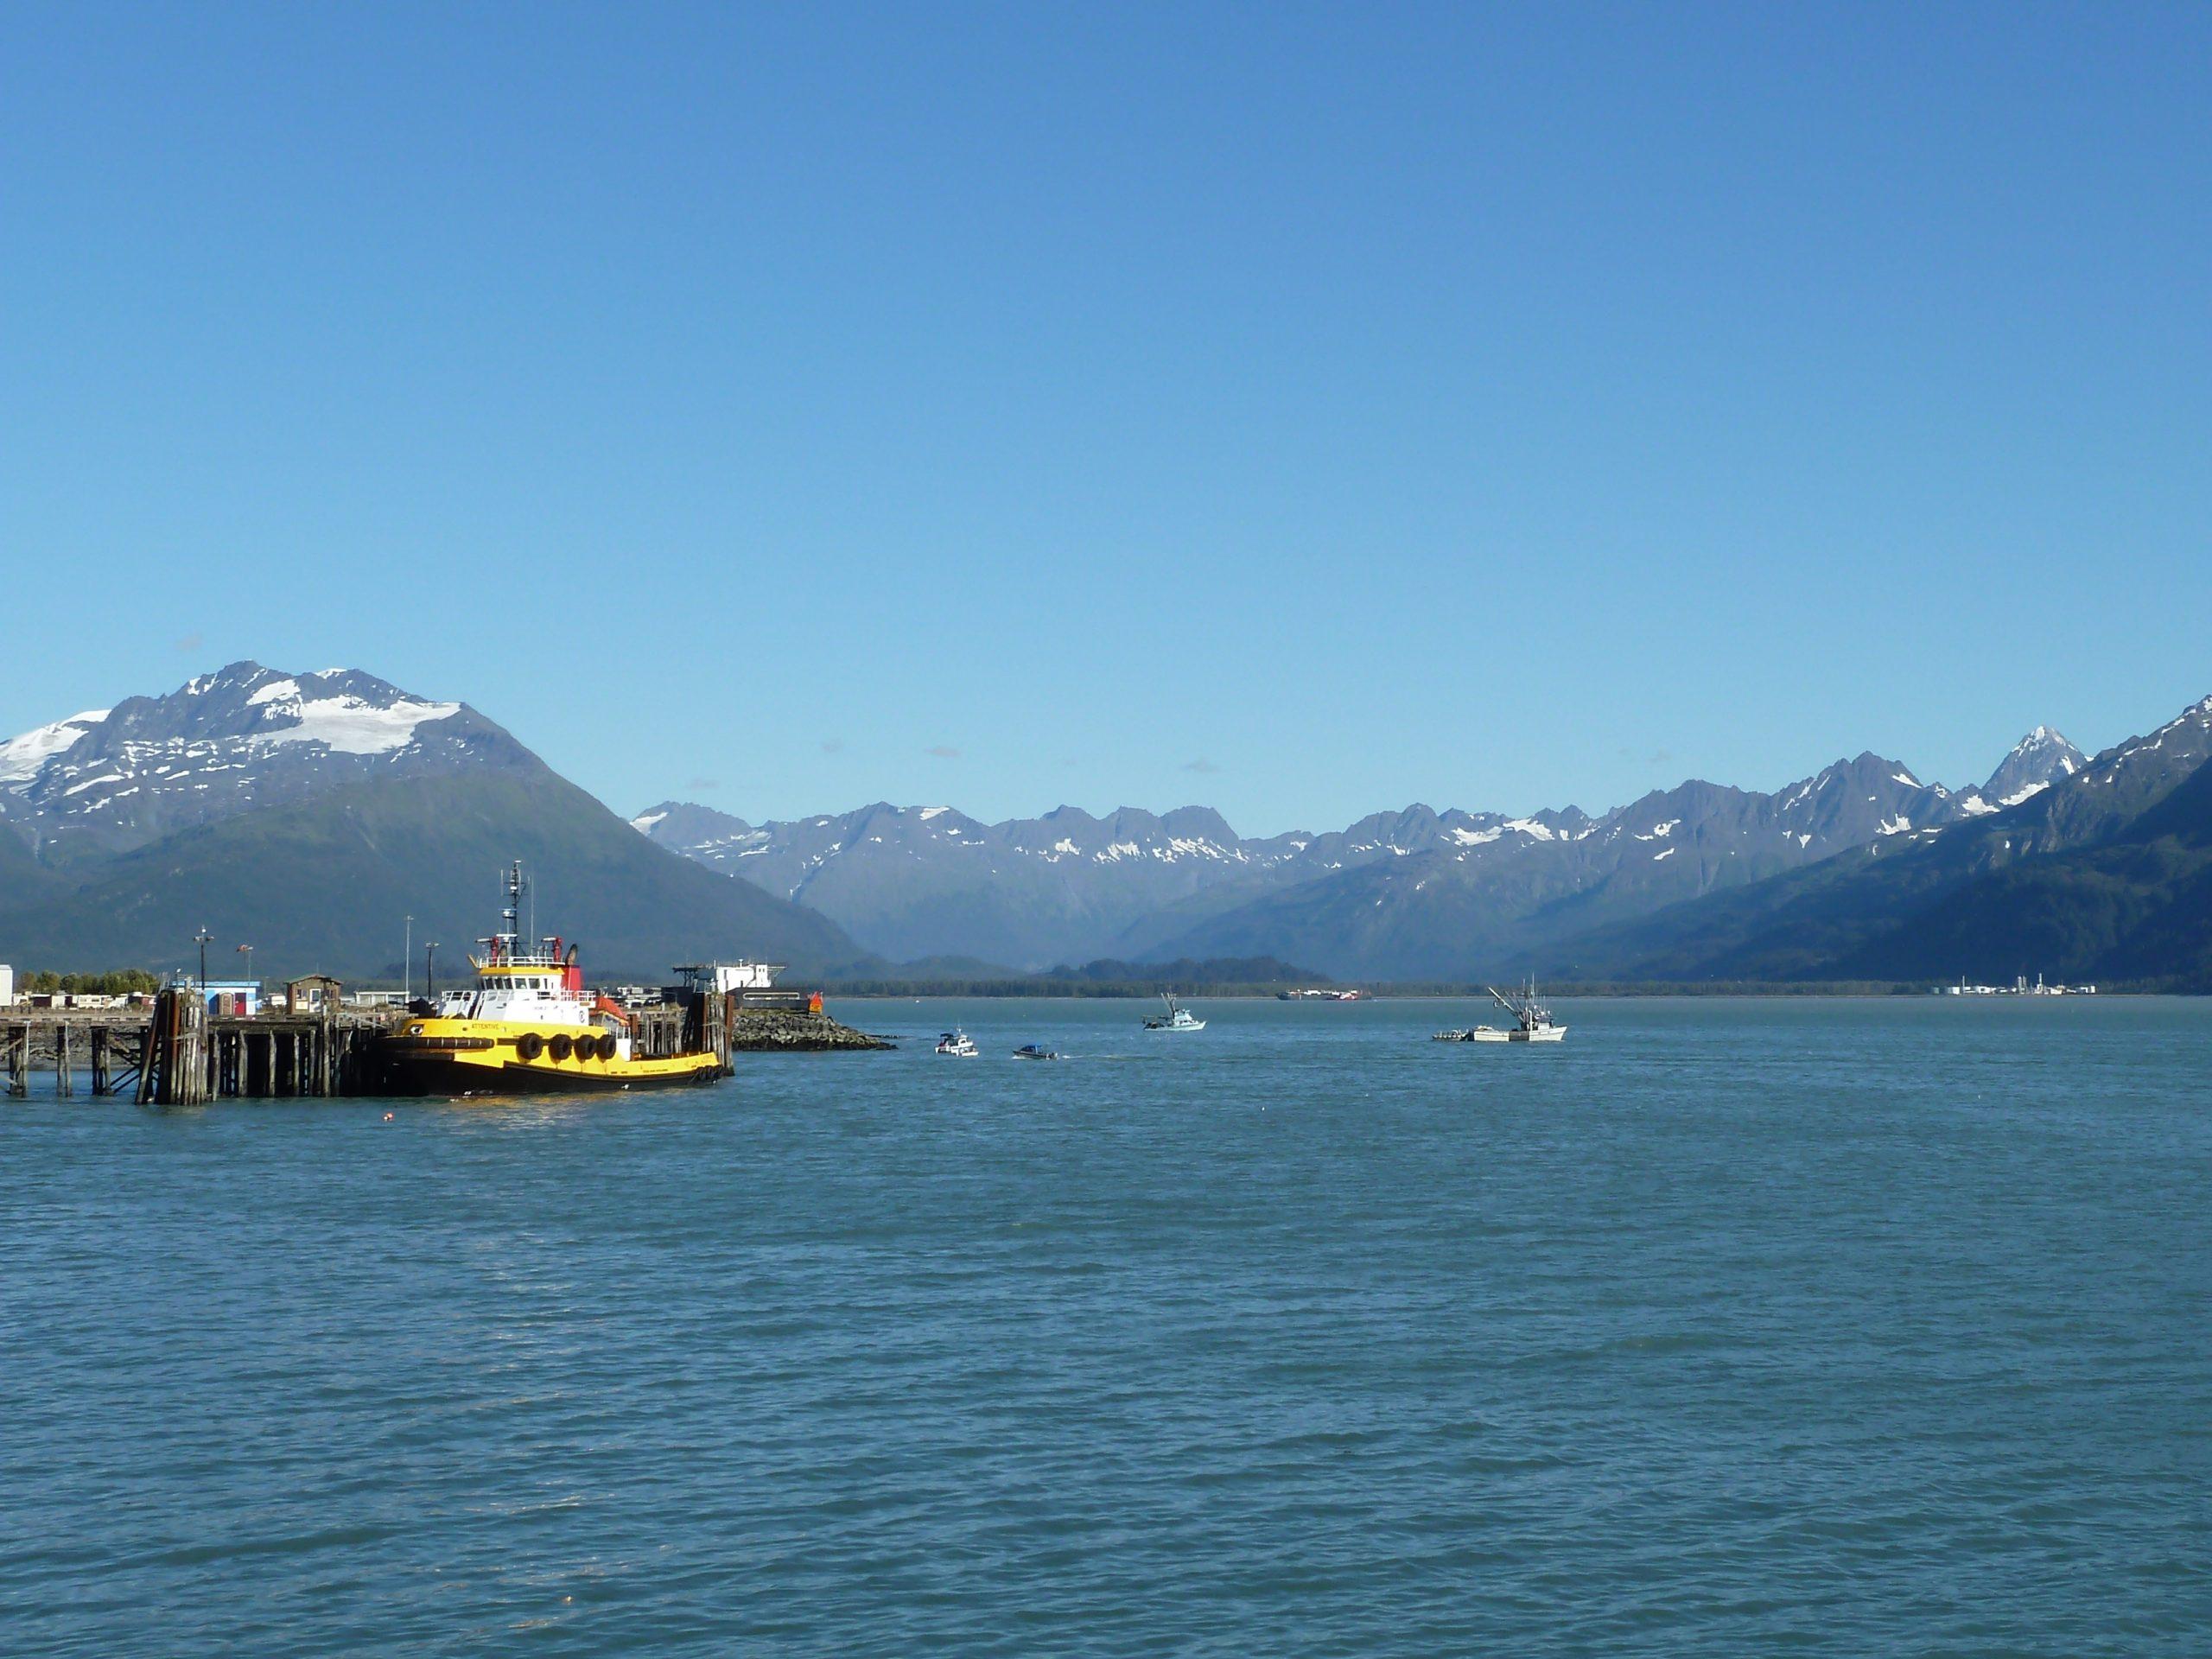 Radreise Alaska 2010 - Valdez - Prinz-William-Sund